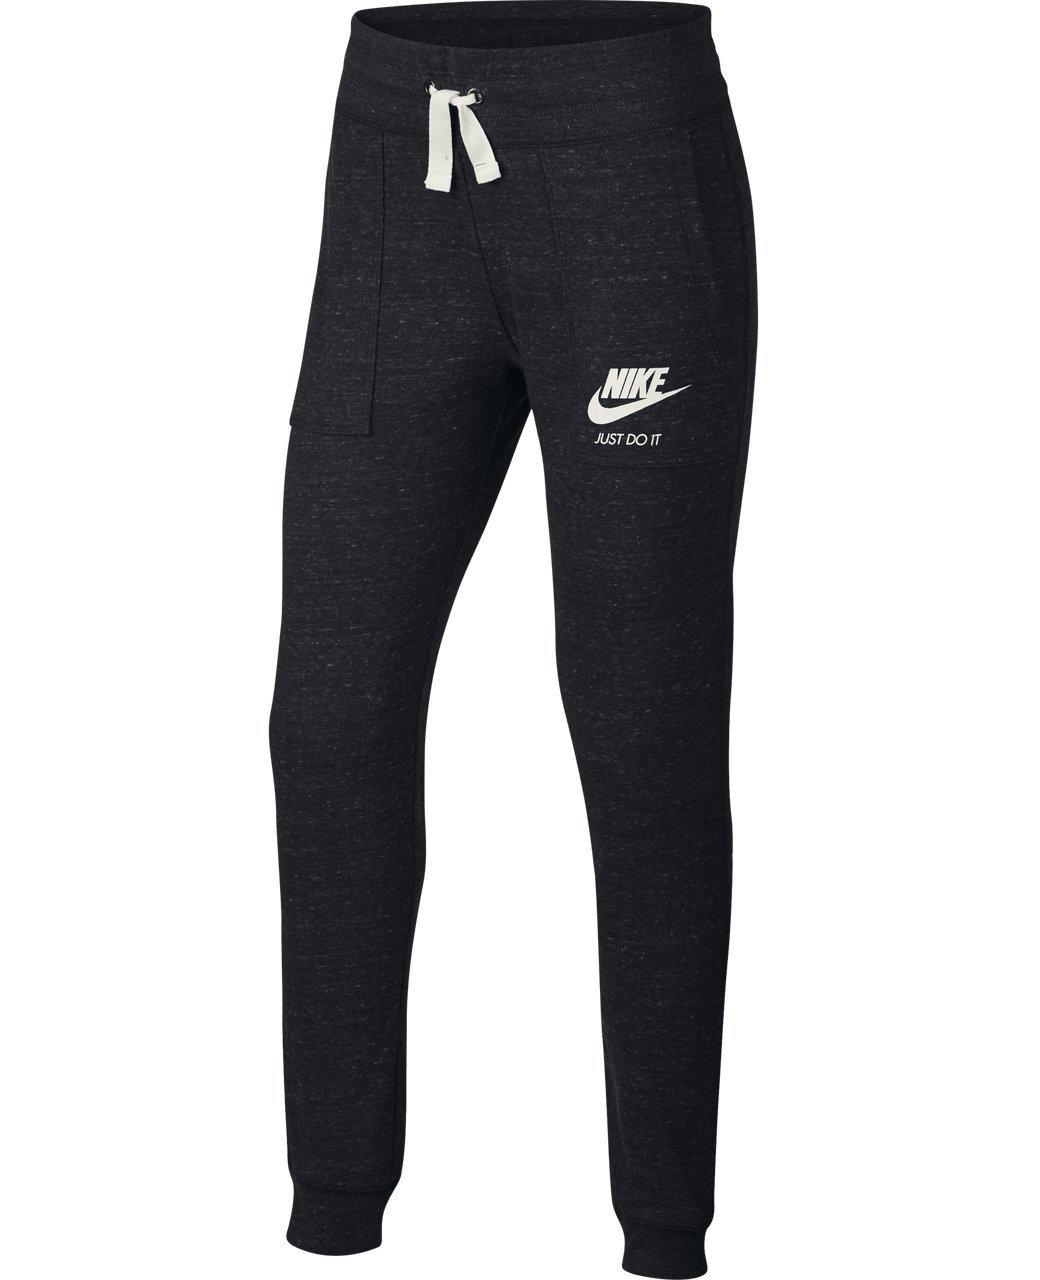 Nike Children's Sportswear Vintage Pants 890279-010